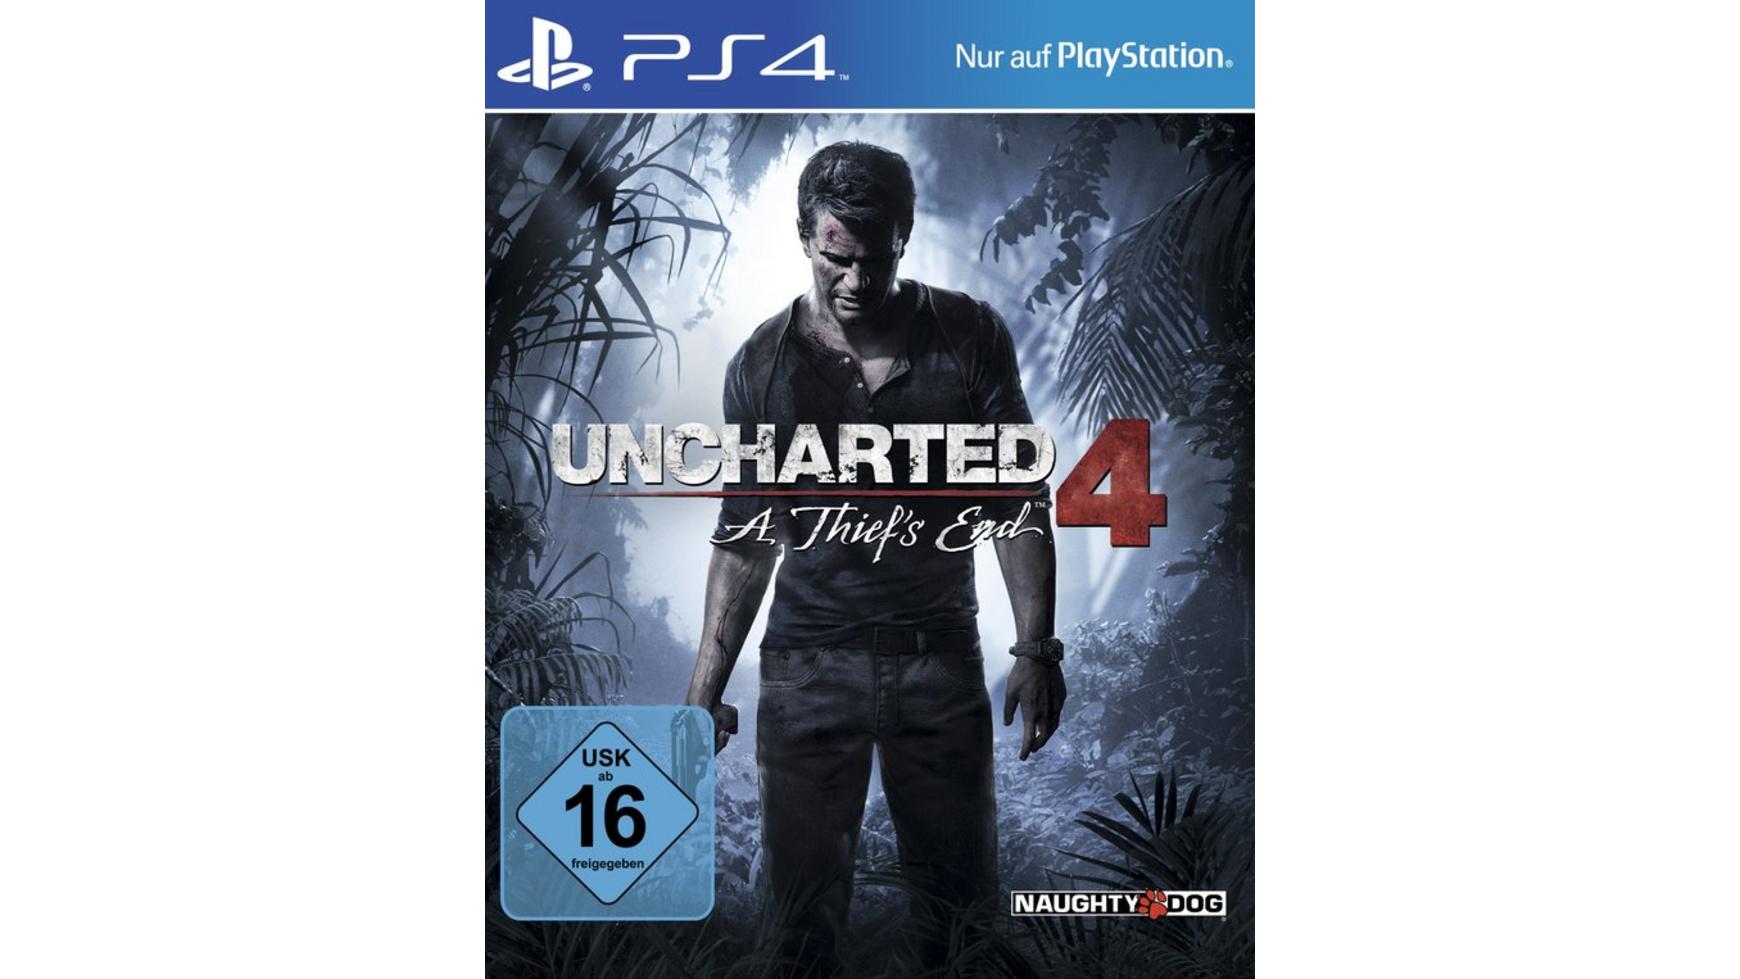 Uncharted 4 - A Thief's End (PS4) für 16,99€, Tekken 7 (Xbox One) für 16,99€, Grand Theft Auto V (PS4/Xbox One) für 21,24